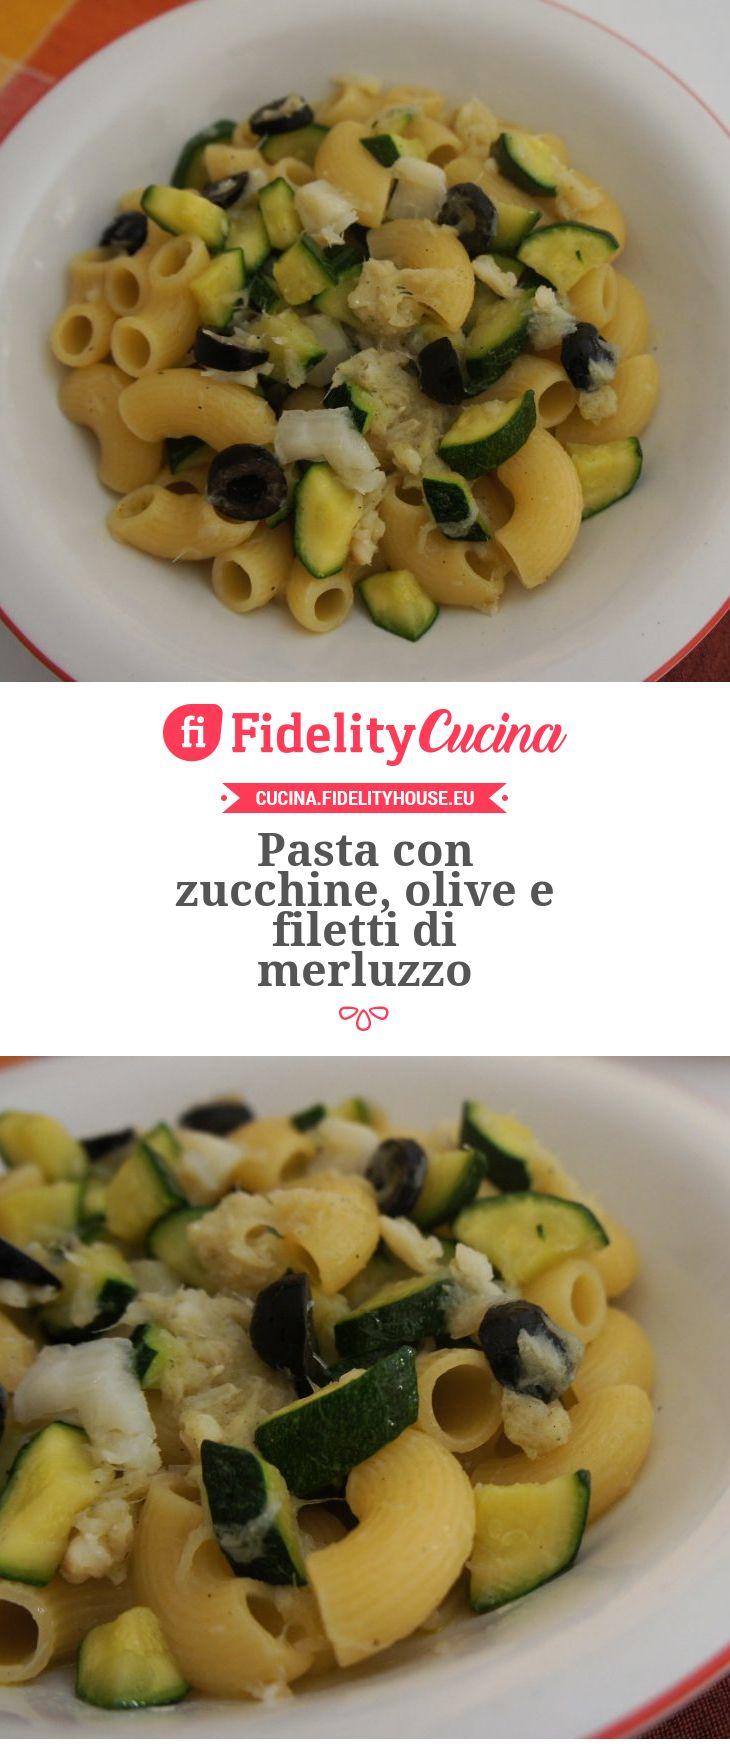 Pasta con zucchine, olive e filetti di merluzzo